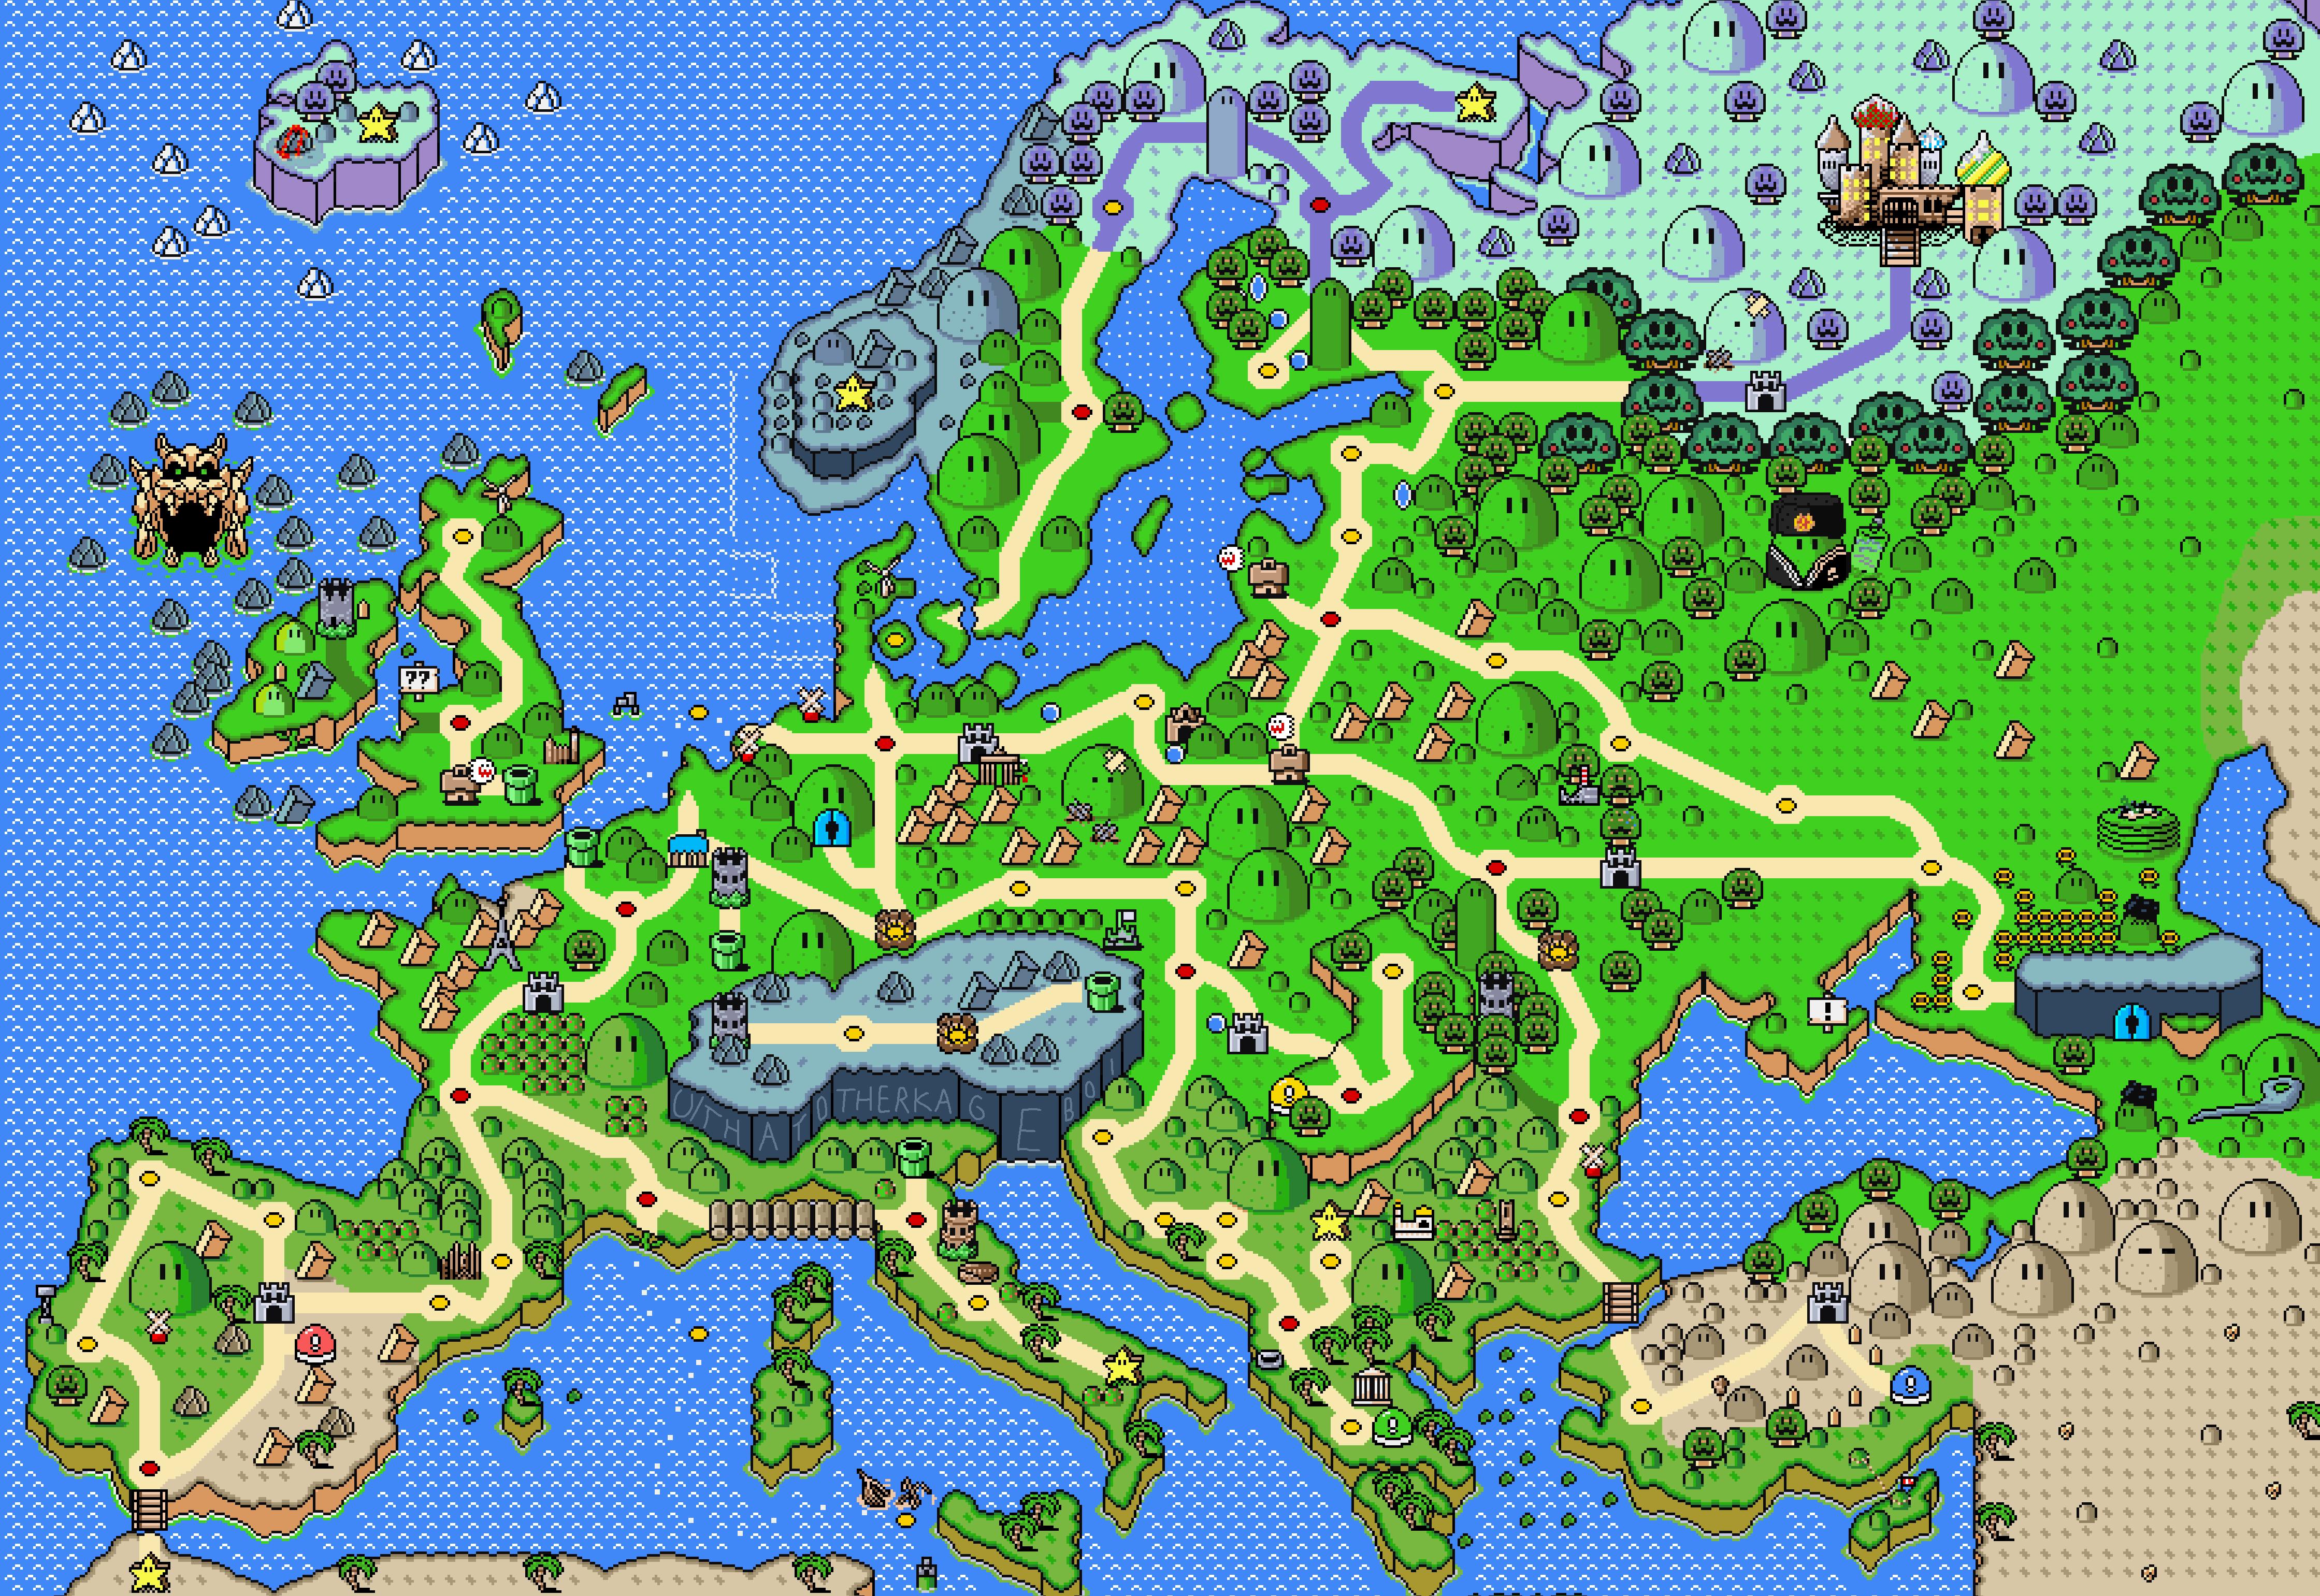 European Map of Super Mario